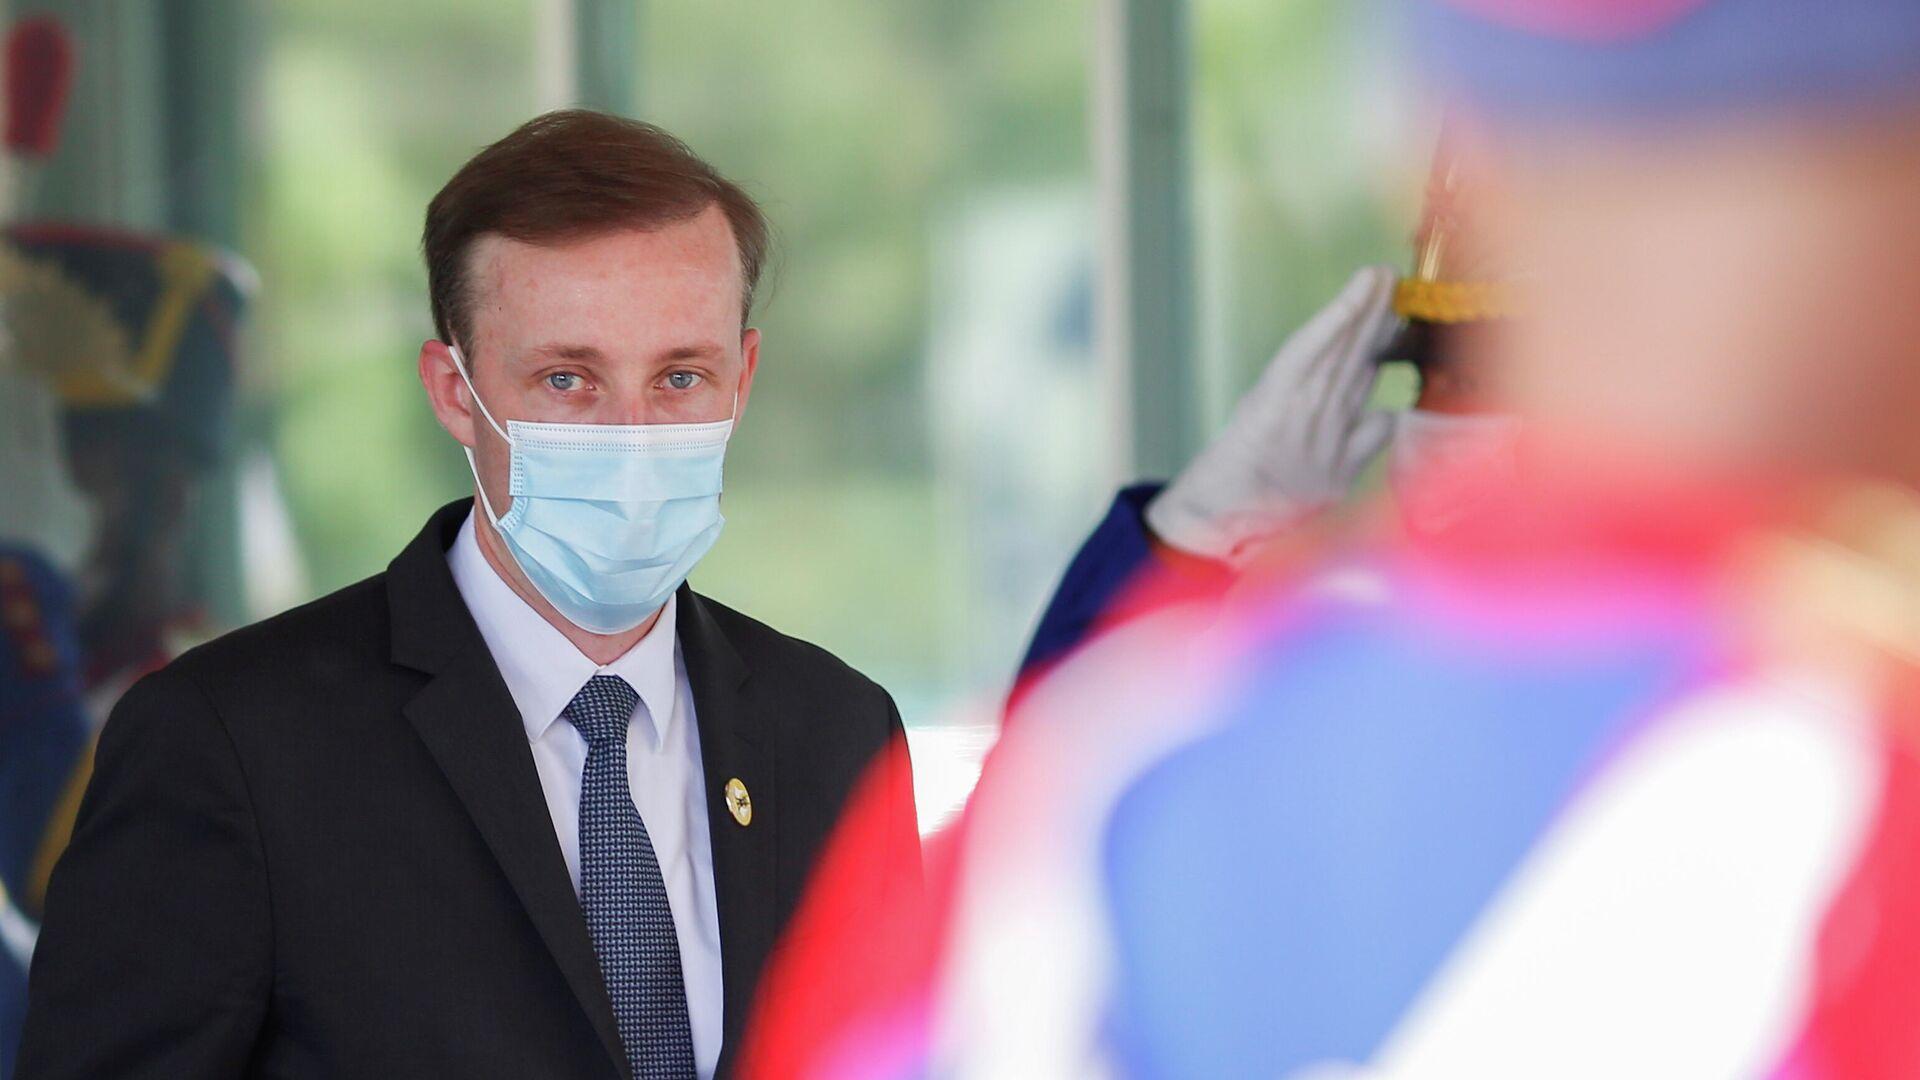 El asesor de la Casa Blanca para la seguridad nacional, Jake Sullivan, durante su visita a Brasil en 2021 - Sputnik Mundo, 1920, 05.08.2021